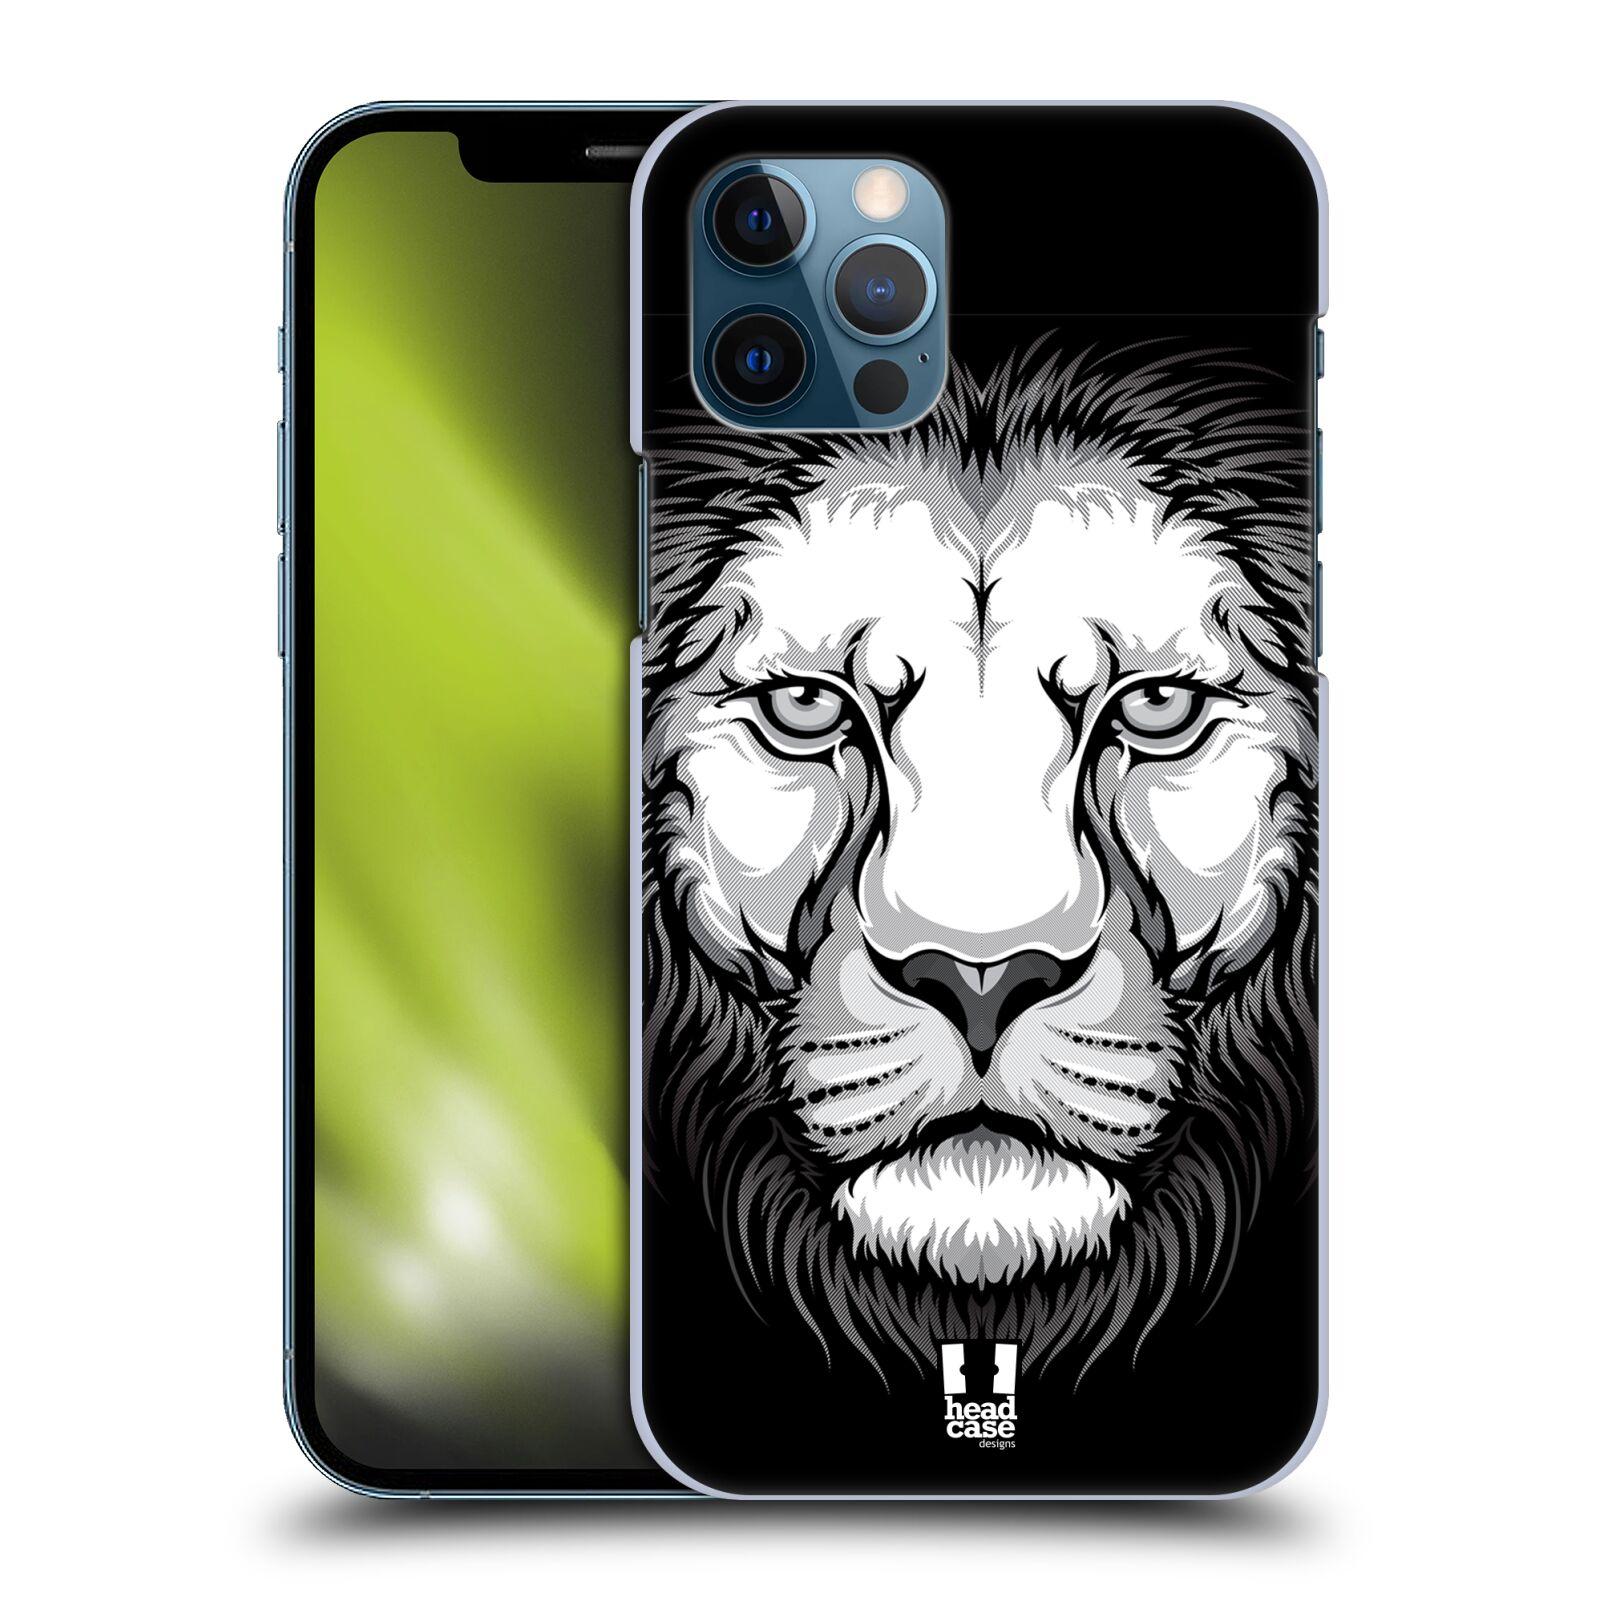 Plastové pouzdro na mobil Apple iPhone 12 / 12 Pro - Head Case - ILUSTROVANÝ LEV